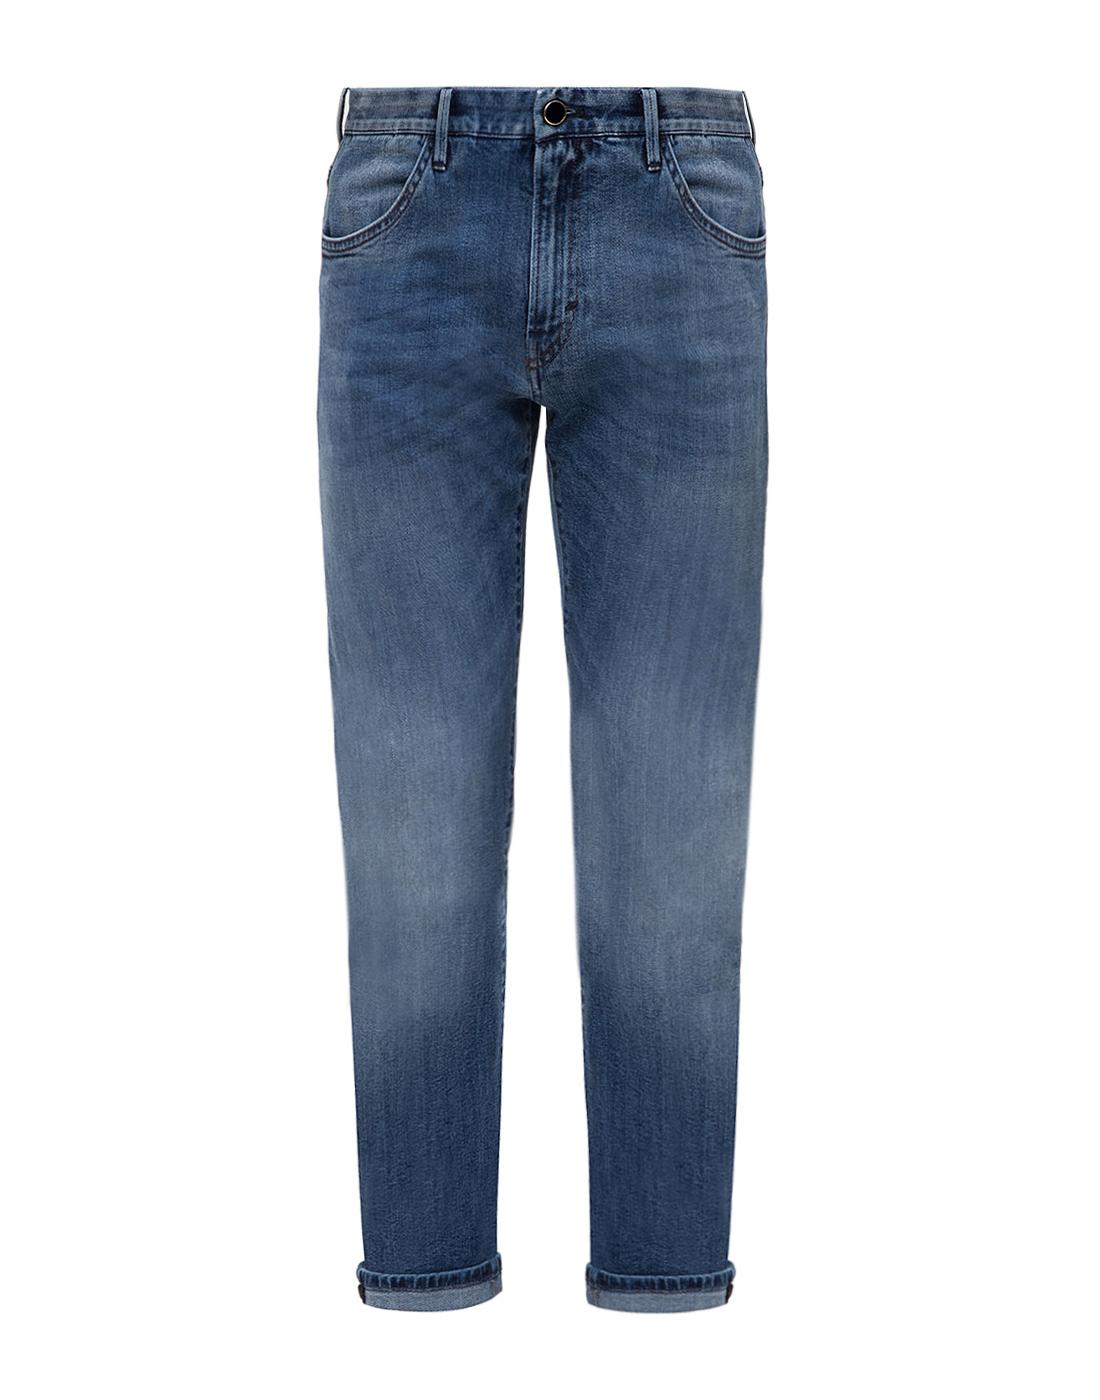 Мужские синие джинсы PT SKU07 MD58-1